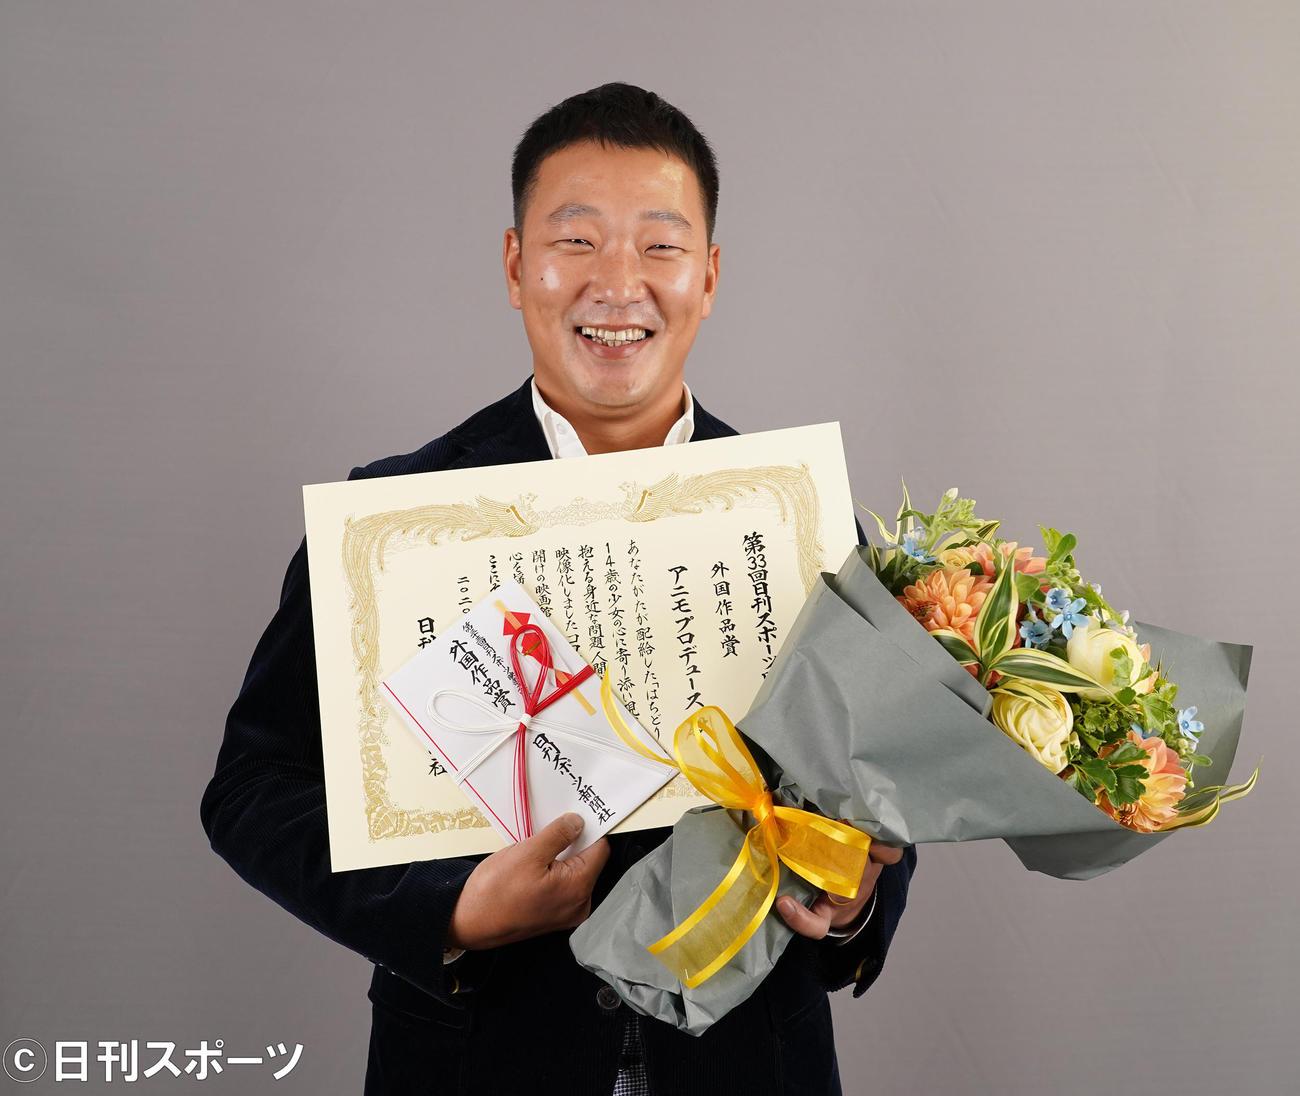 「はちどり」で外国作品賞を受賞し、表彰状と花束を手に笑顔を見せるアニモプロデュース成宏基代表(撮影・菅敏)